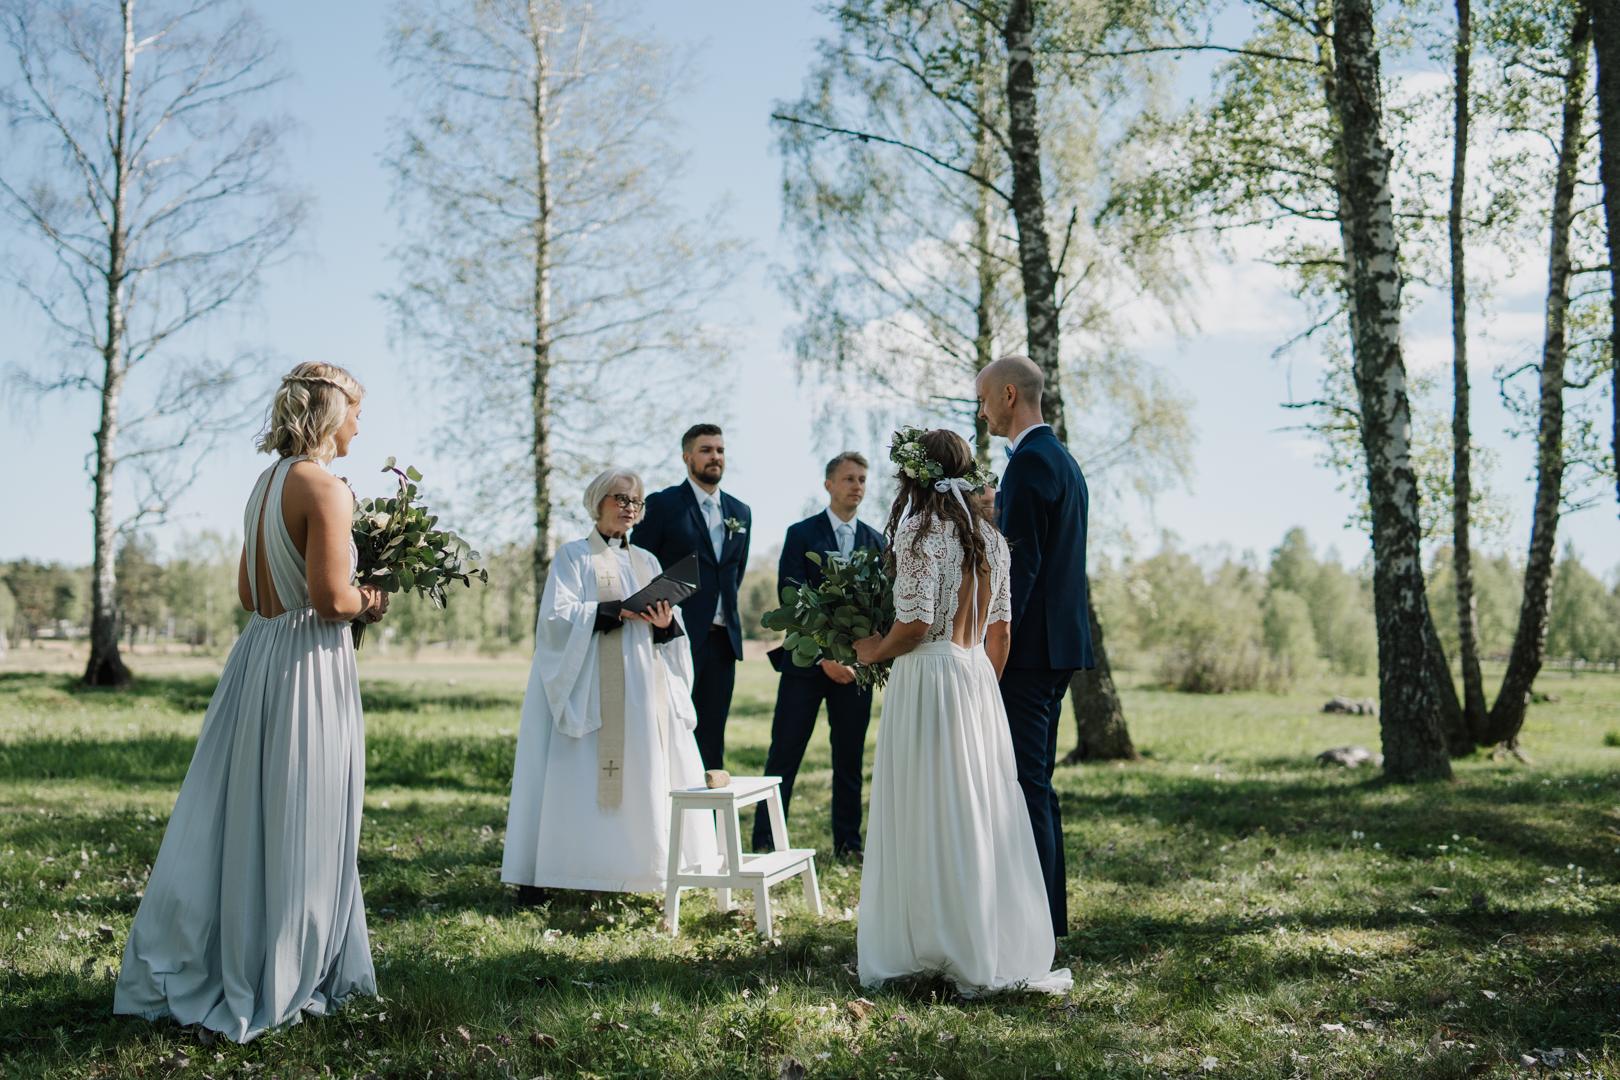 bröllopsblogg - Tips, råd, inspiration & pre-shoots med blivande brudpar!